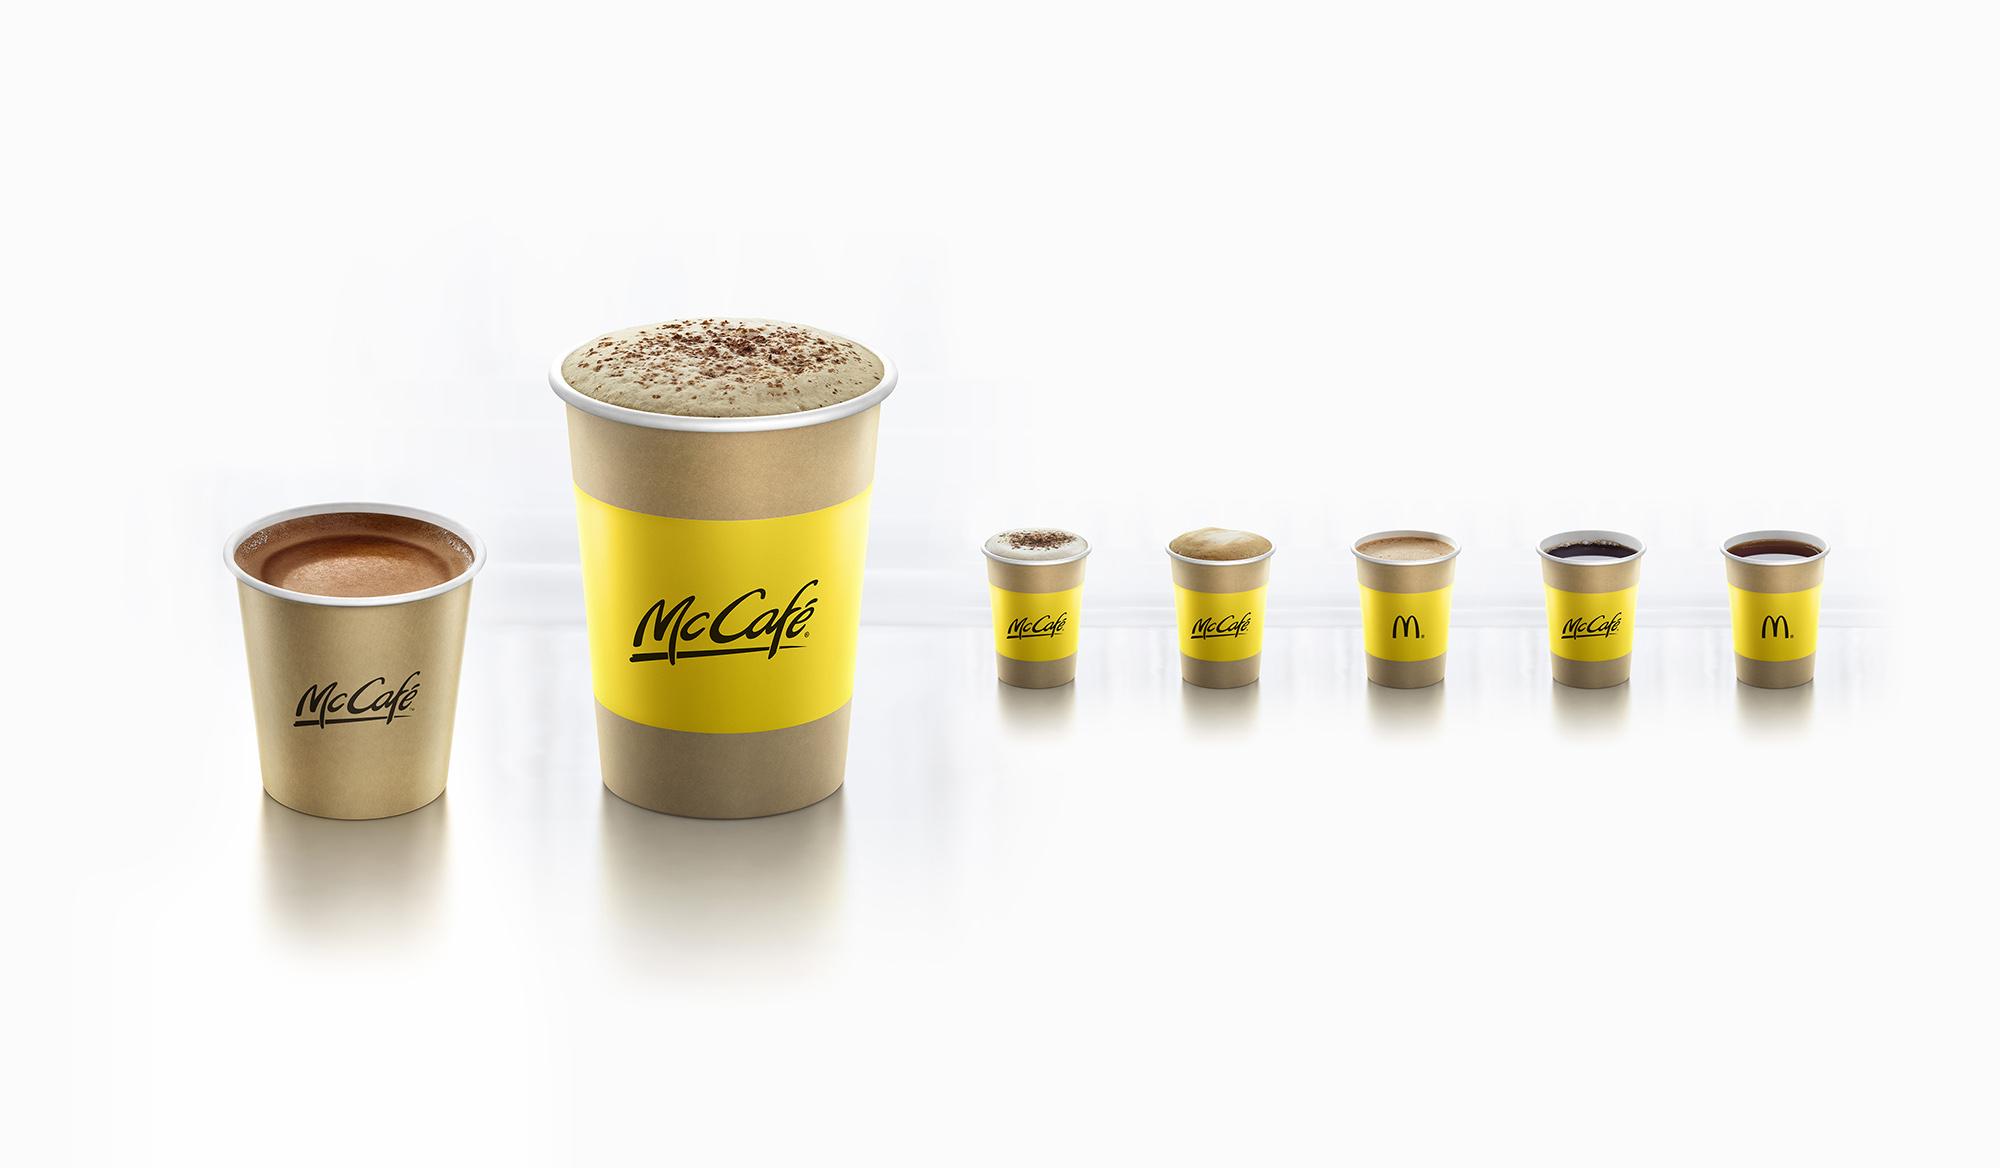 McDonalds Cafe White